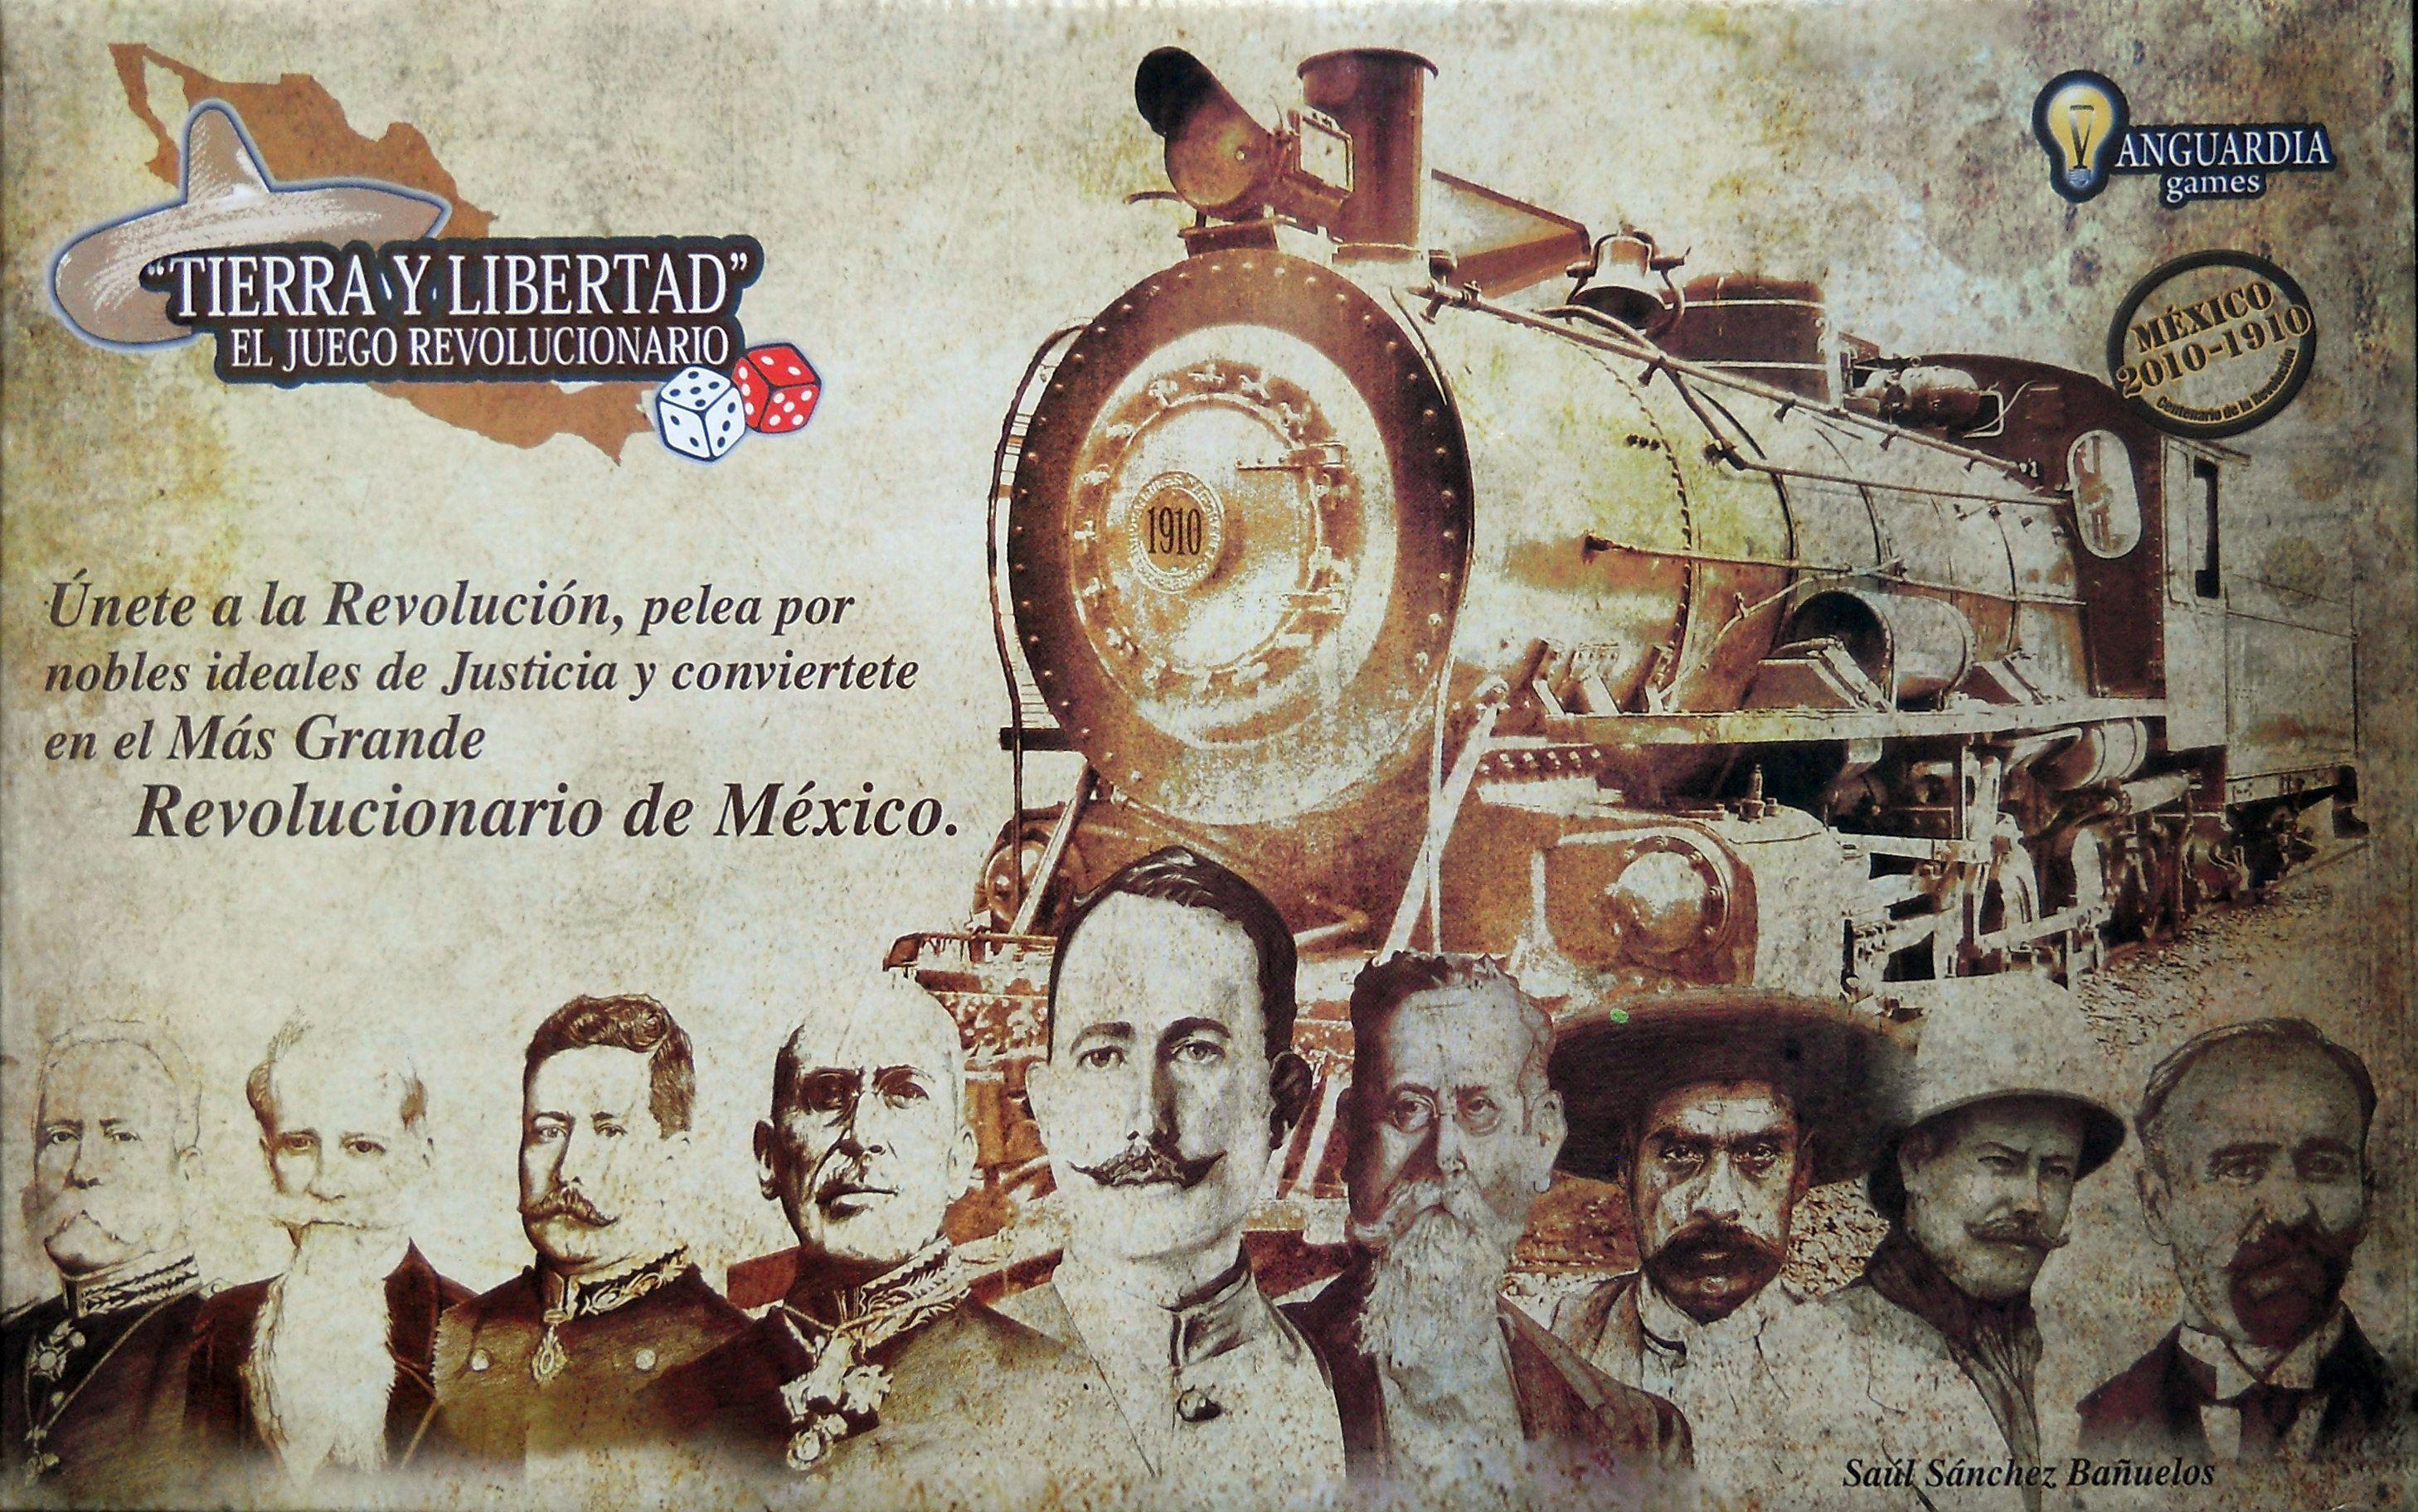 Tierra y Libertad, el juego revolucionario